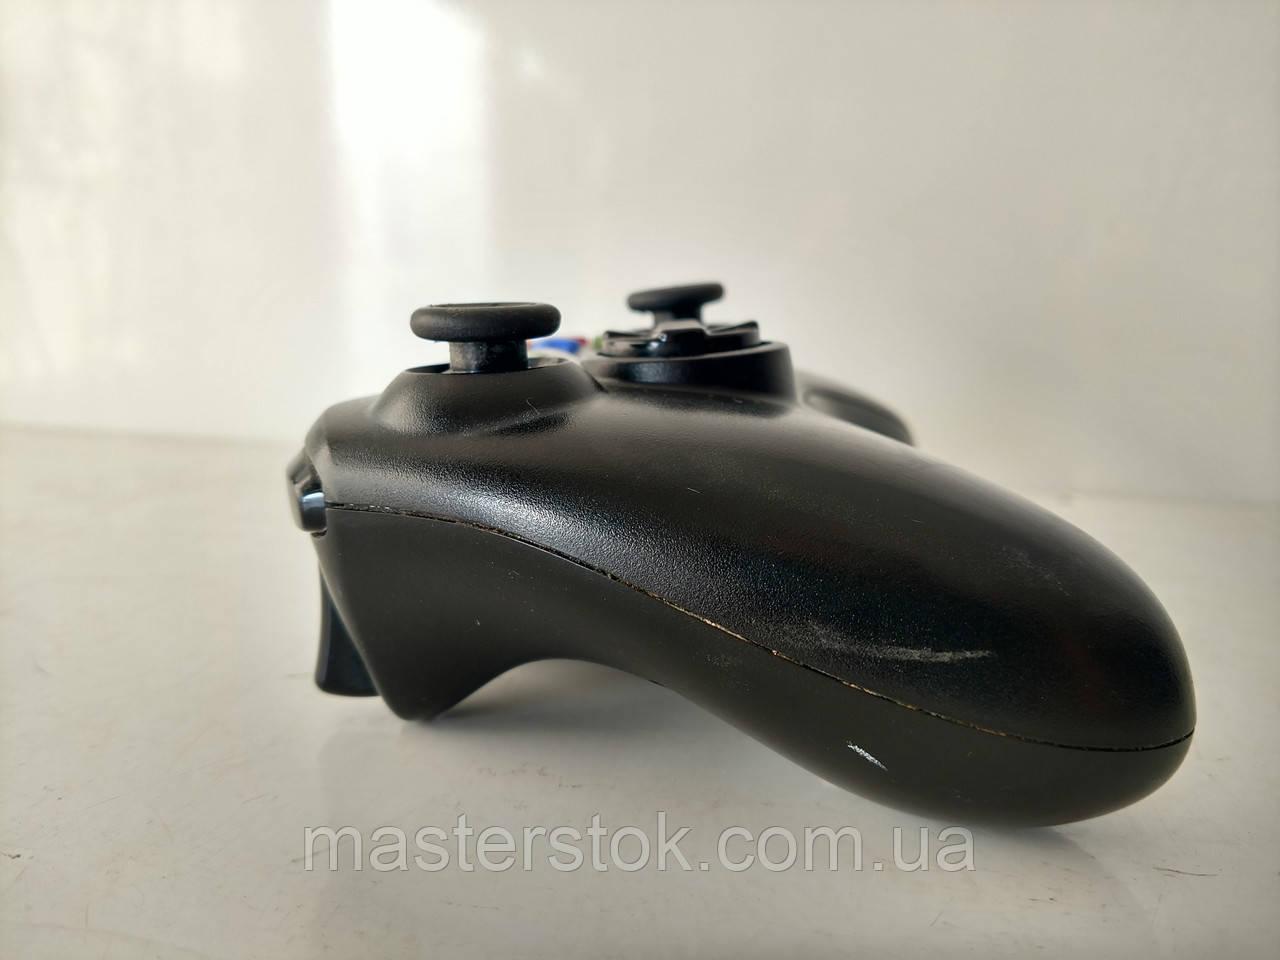 Беспроводные черные оригинальные джойстики для Xbox 360 5